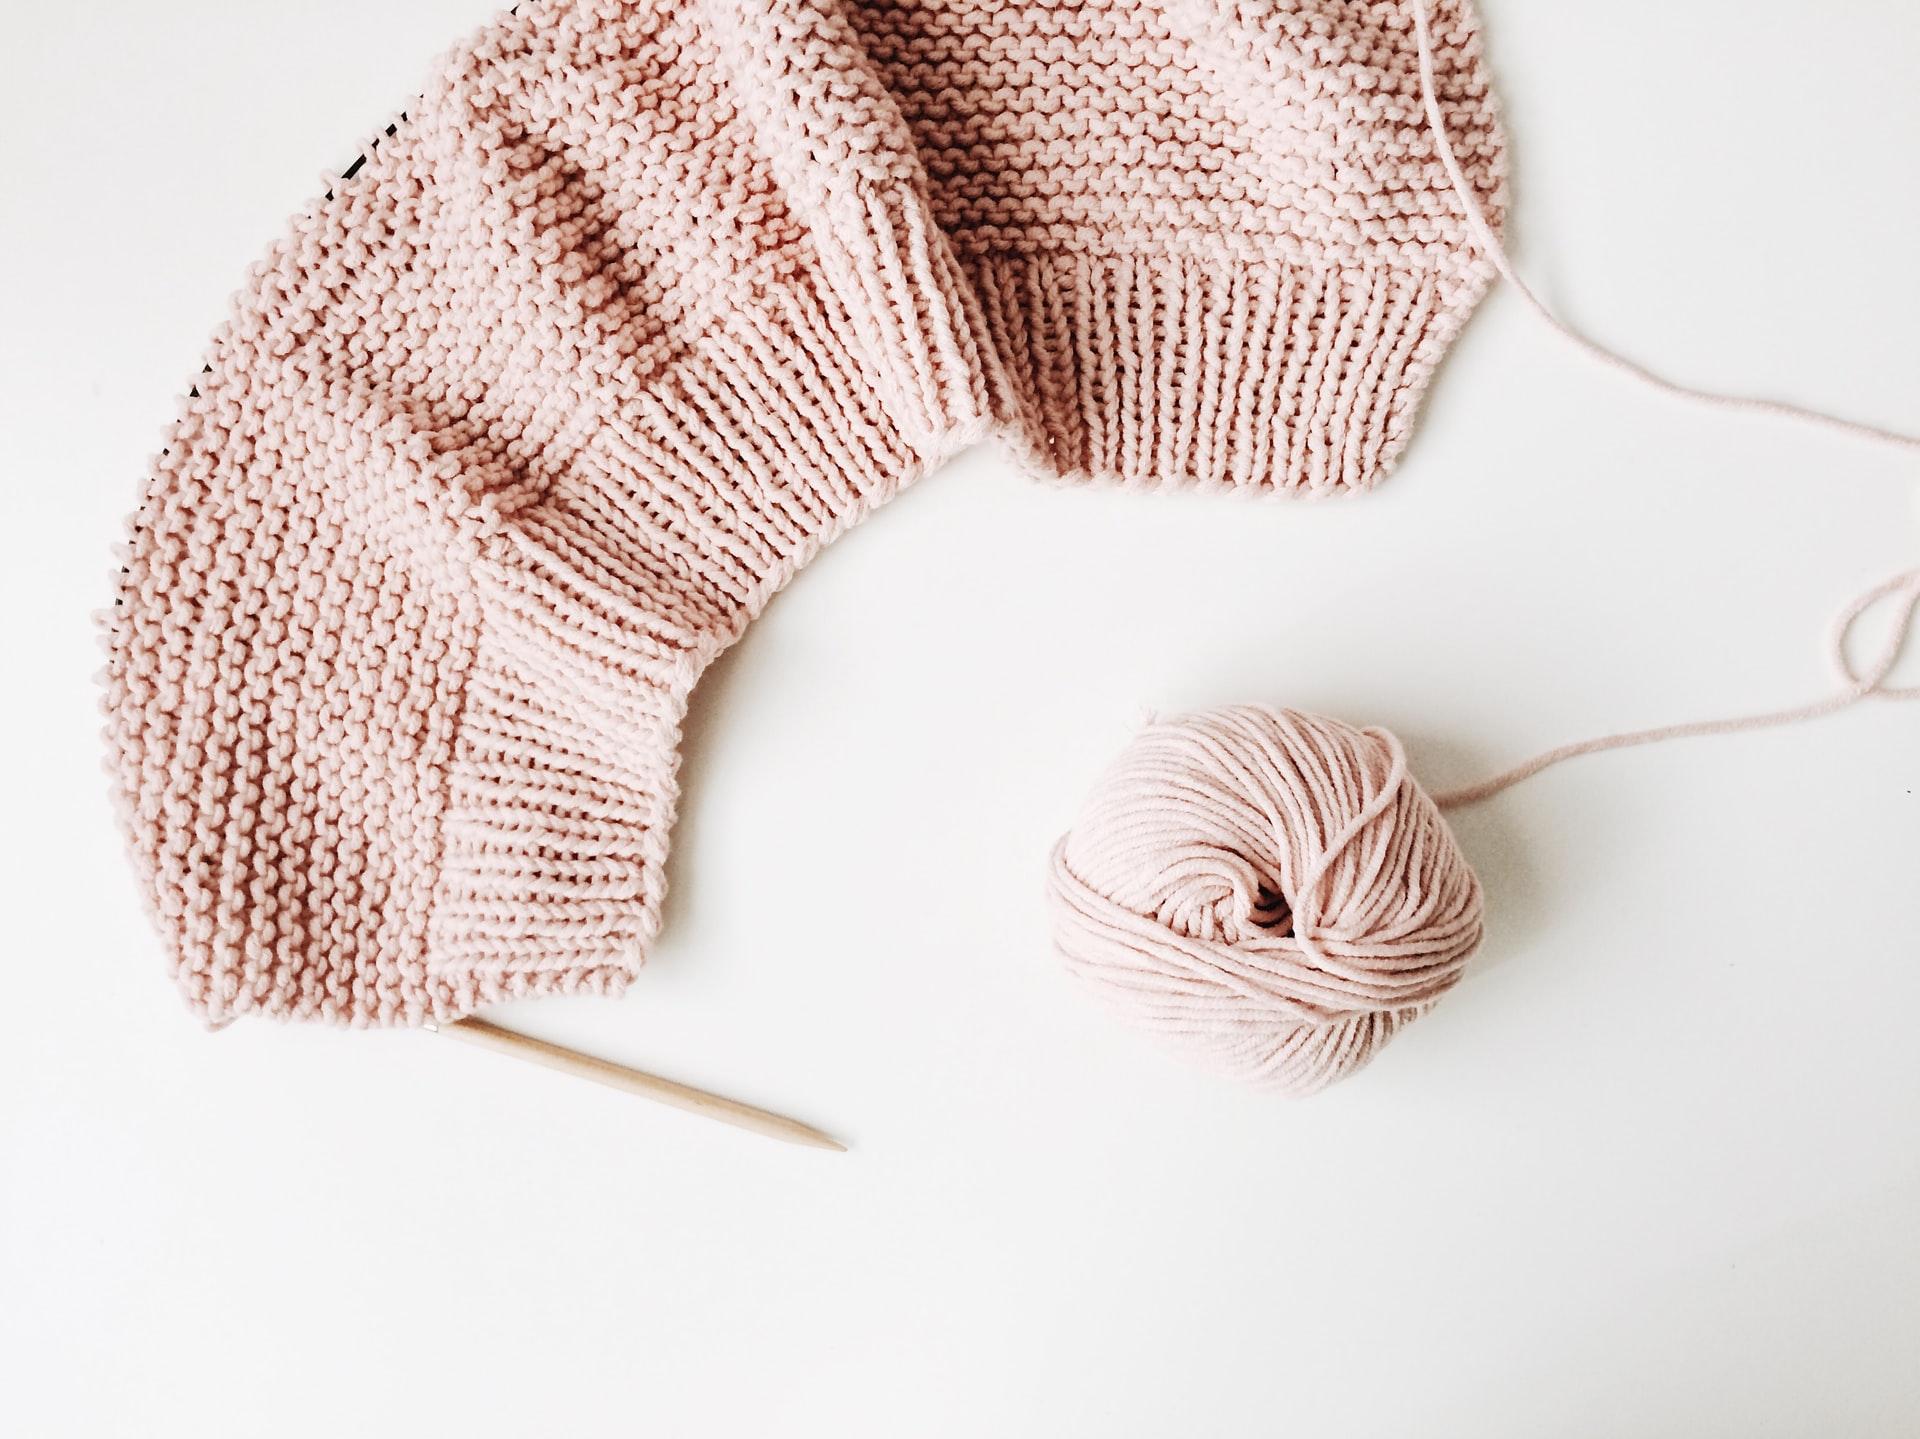 rocknwool Ls7yE8NpNqk unsplash - Hvad skal jeg bruge til mit strikkeprojekt?